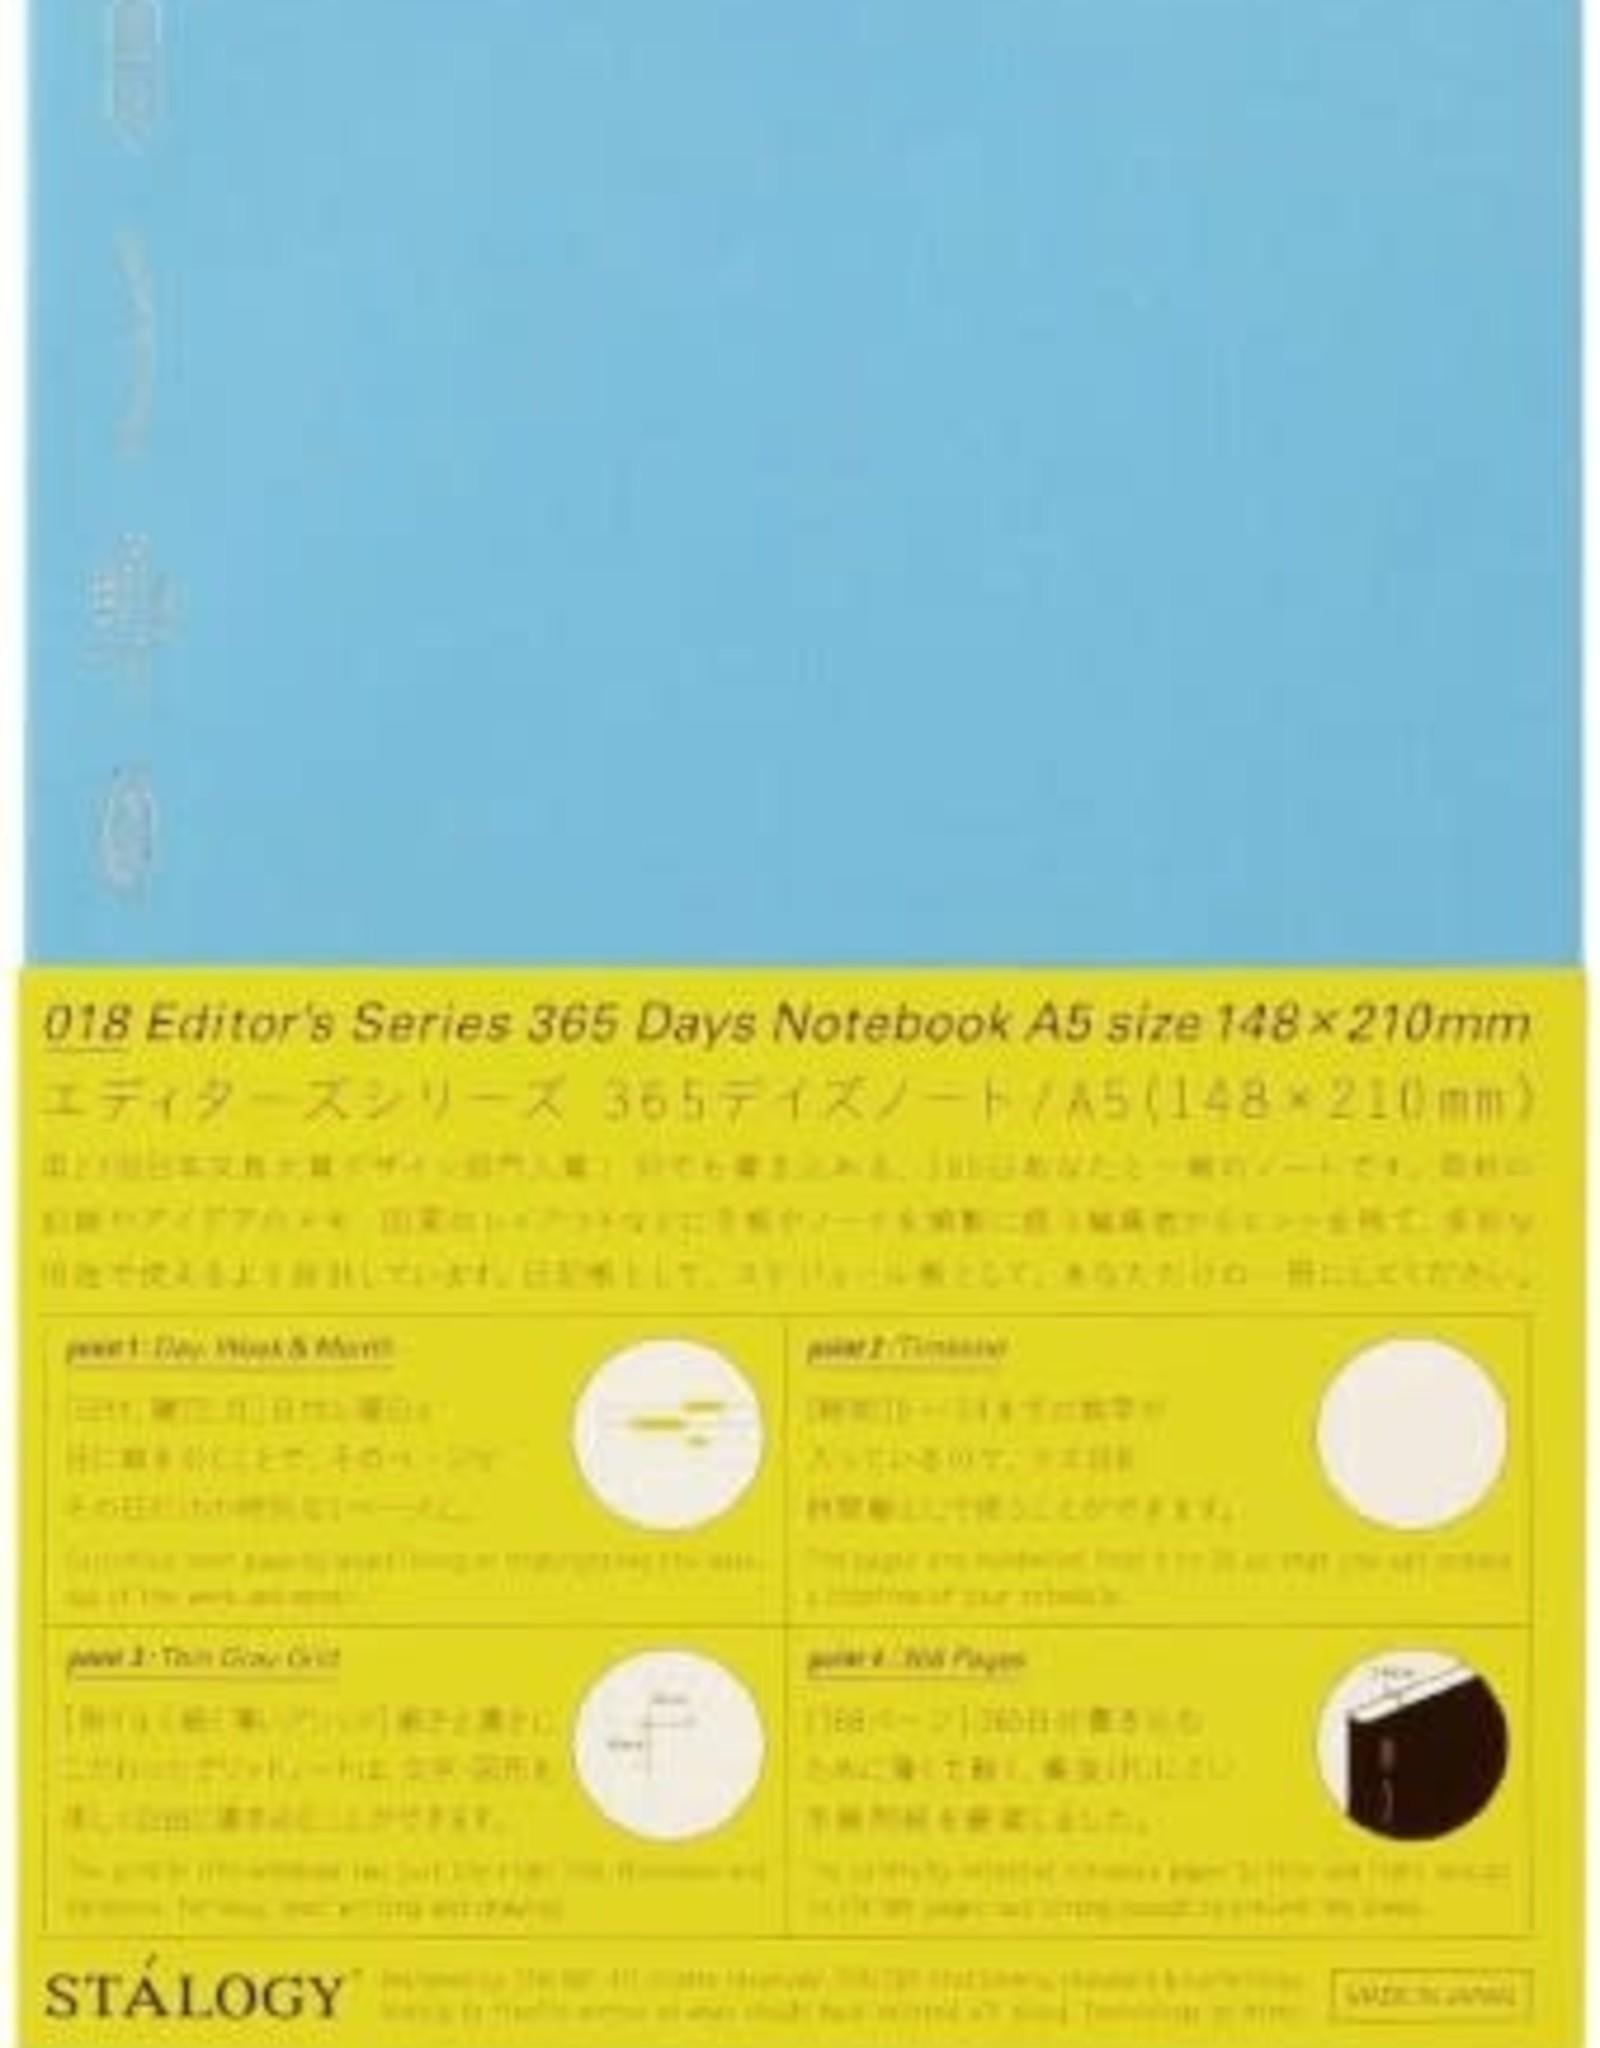 Stalogy 365 Days Notebook A5